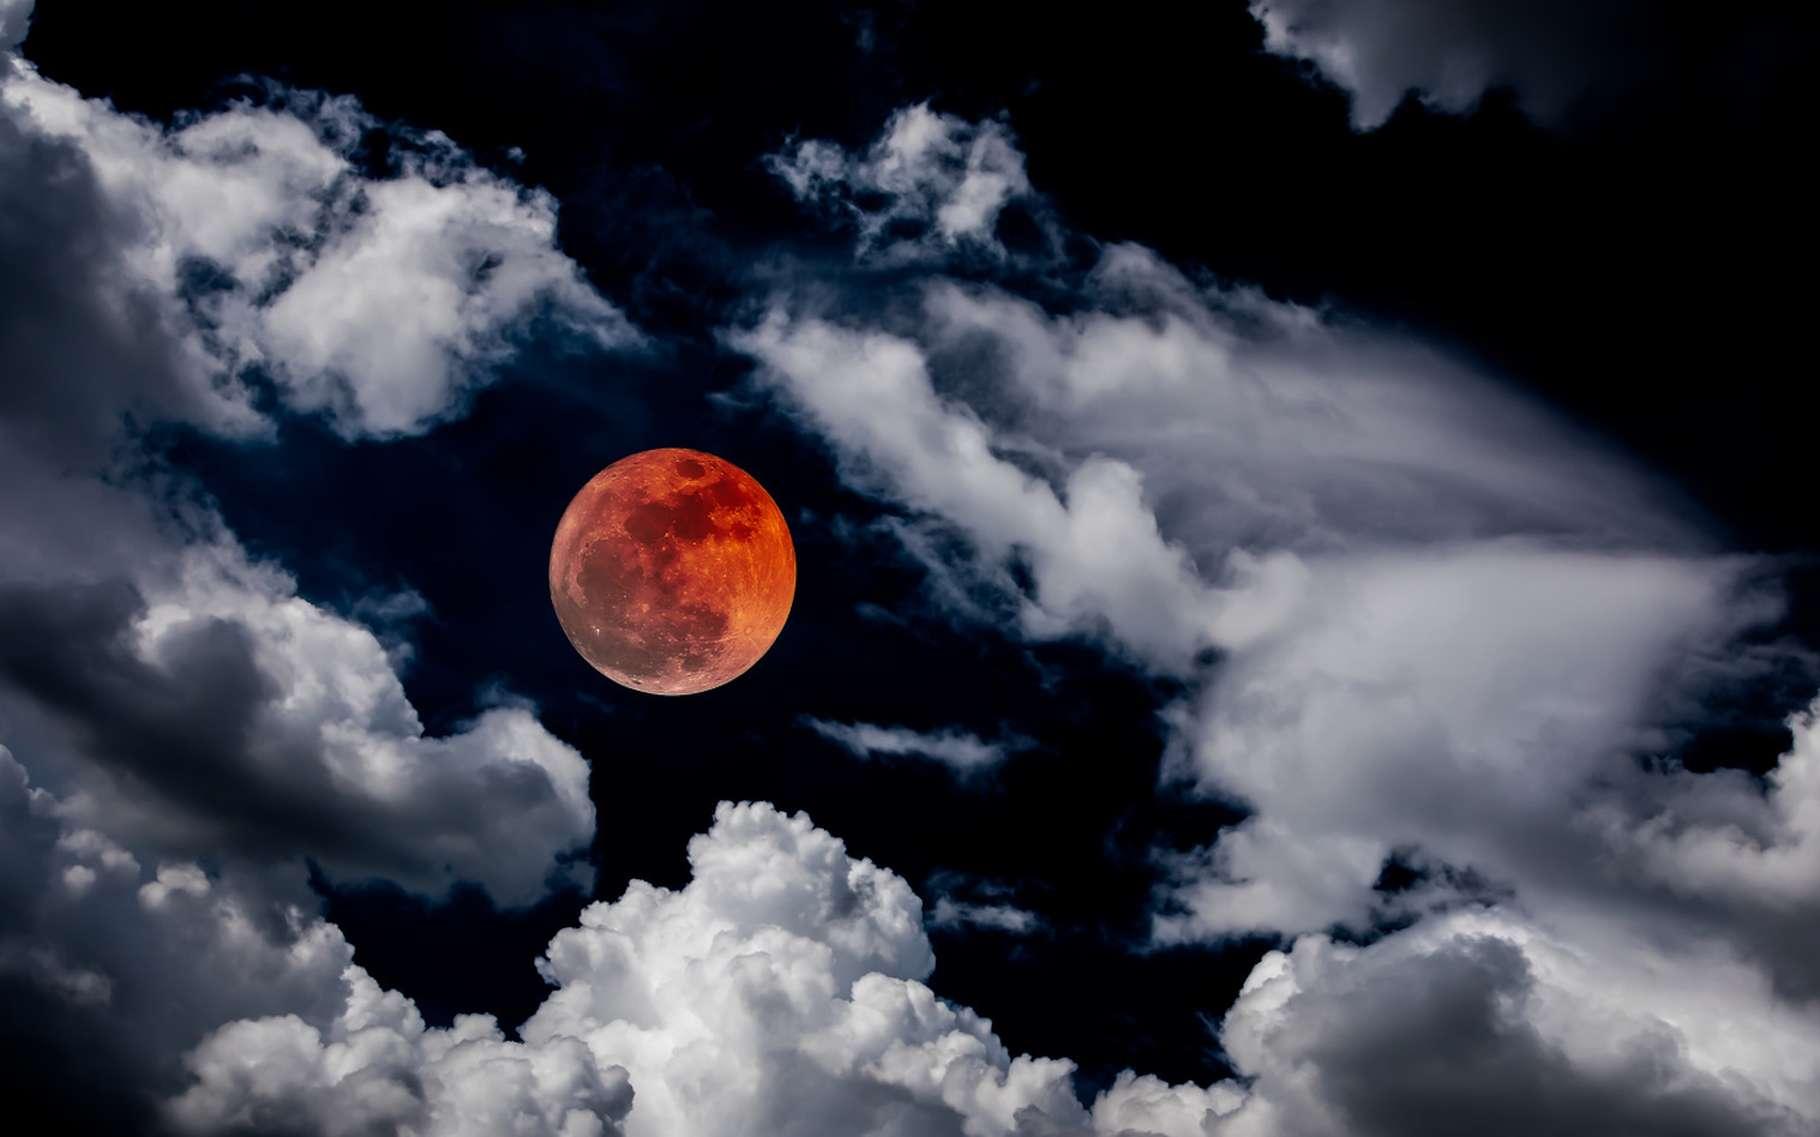 Lors d'une éclipse totale de la Lune, celle-ci peut apparaître plus ou moins sombre dans le ciel, du fait de la réfraction atmosphérique. © Wutthipong53, Fotolia